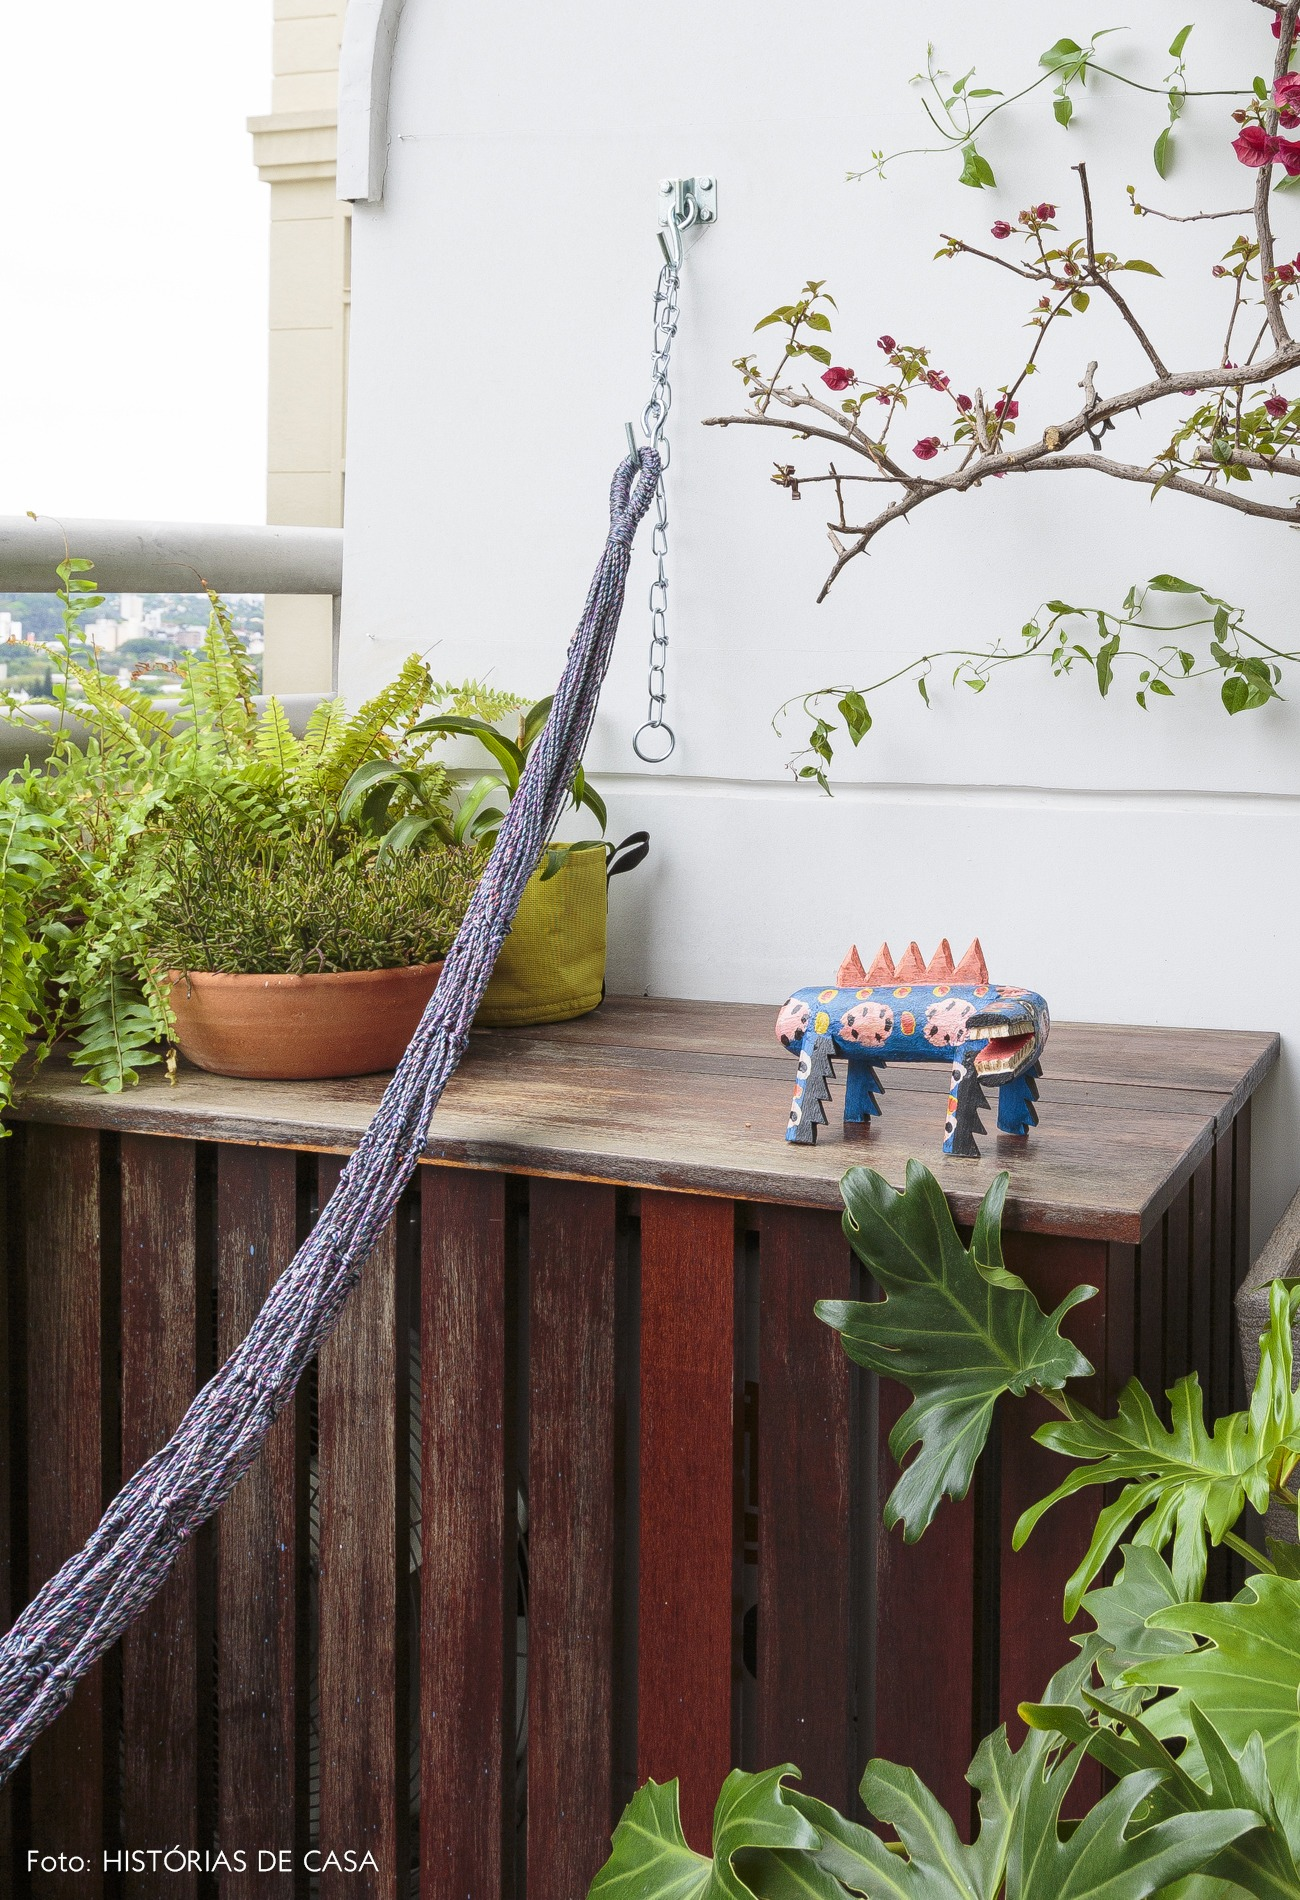 135-flavio-decoração-varanda-com-rede-e-escultura-bicho-2